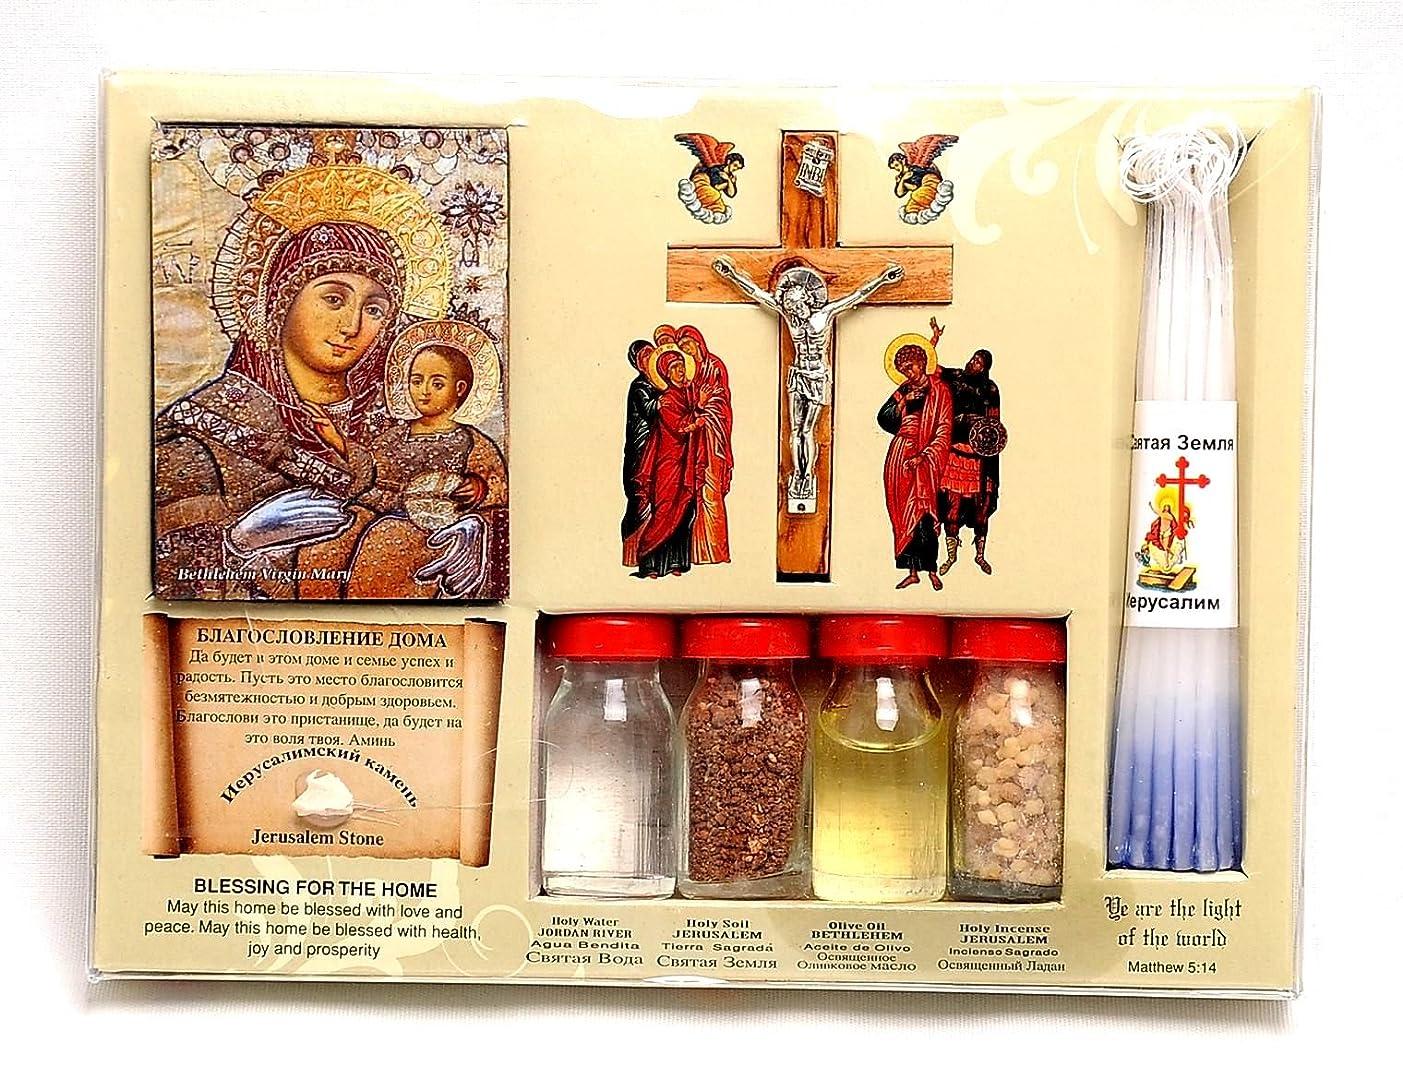 畝間プレミアあなたのものホーム祝福キットボトル、クロス&キャンドルから聖地エルサレム